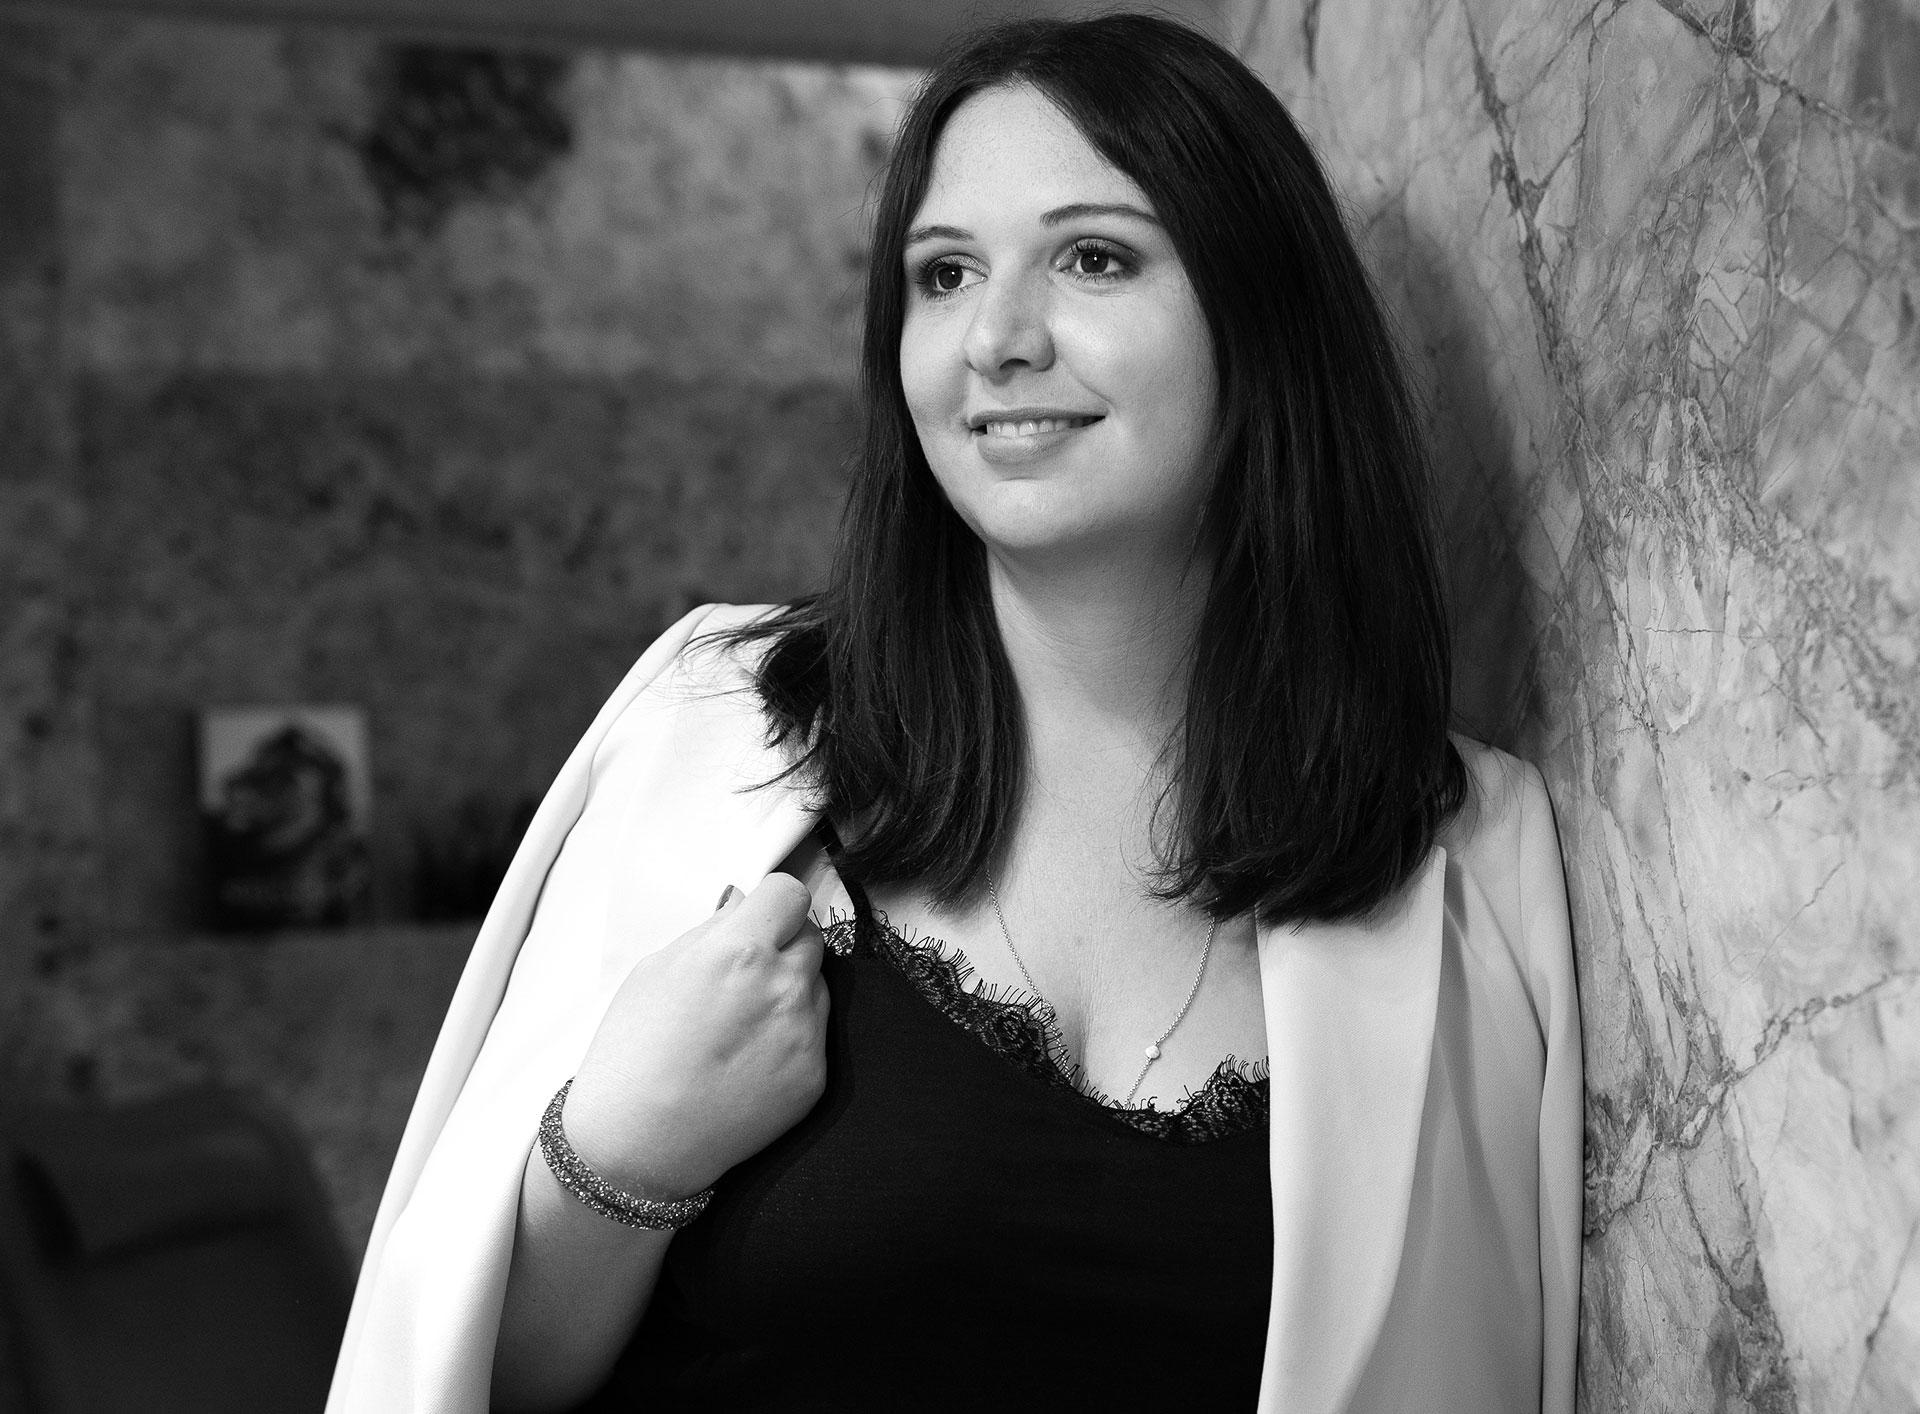 Kommunikationsagentur – Gasser Miesch St. Gallen – Melissa Miesch